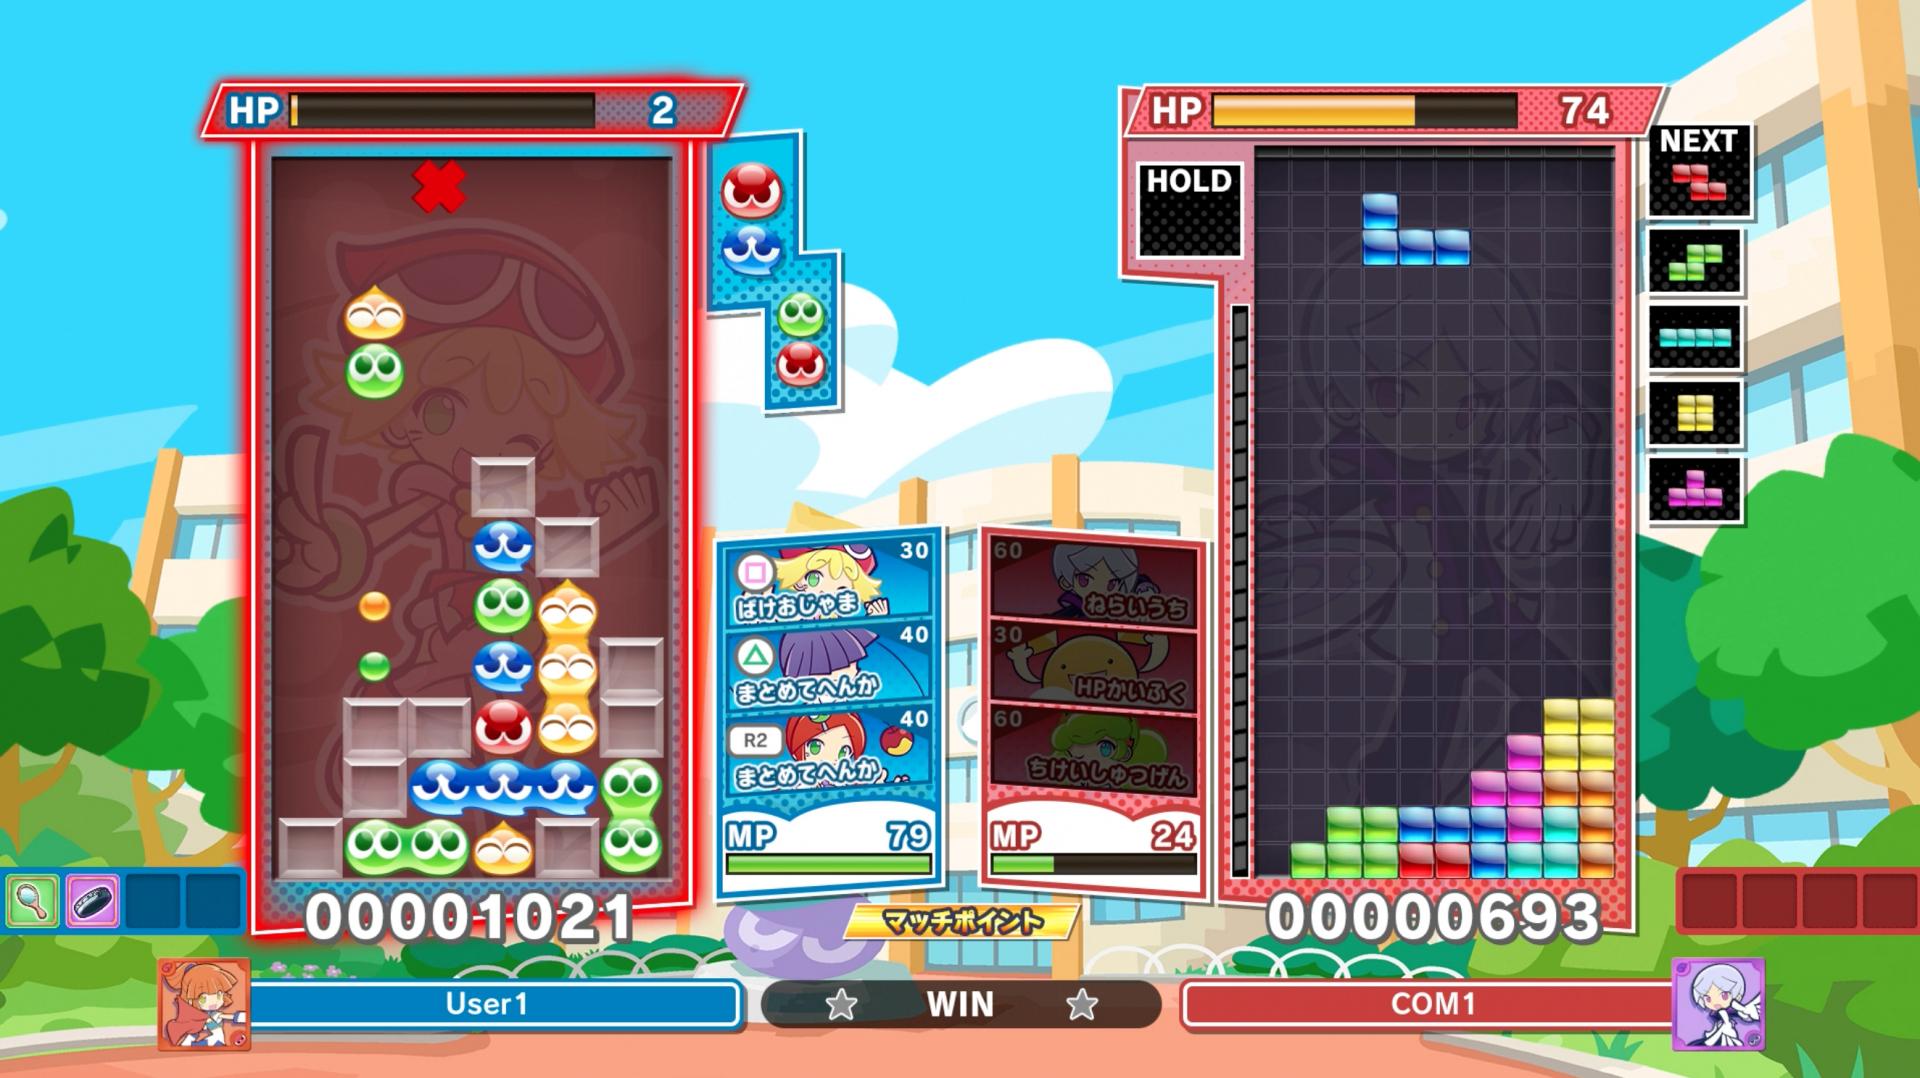 ぷよぷよテトリス2 ゲームプレイの画像01